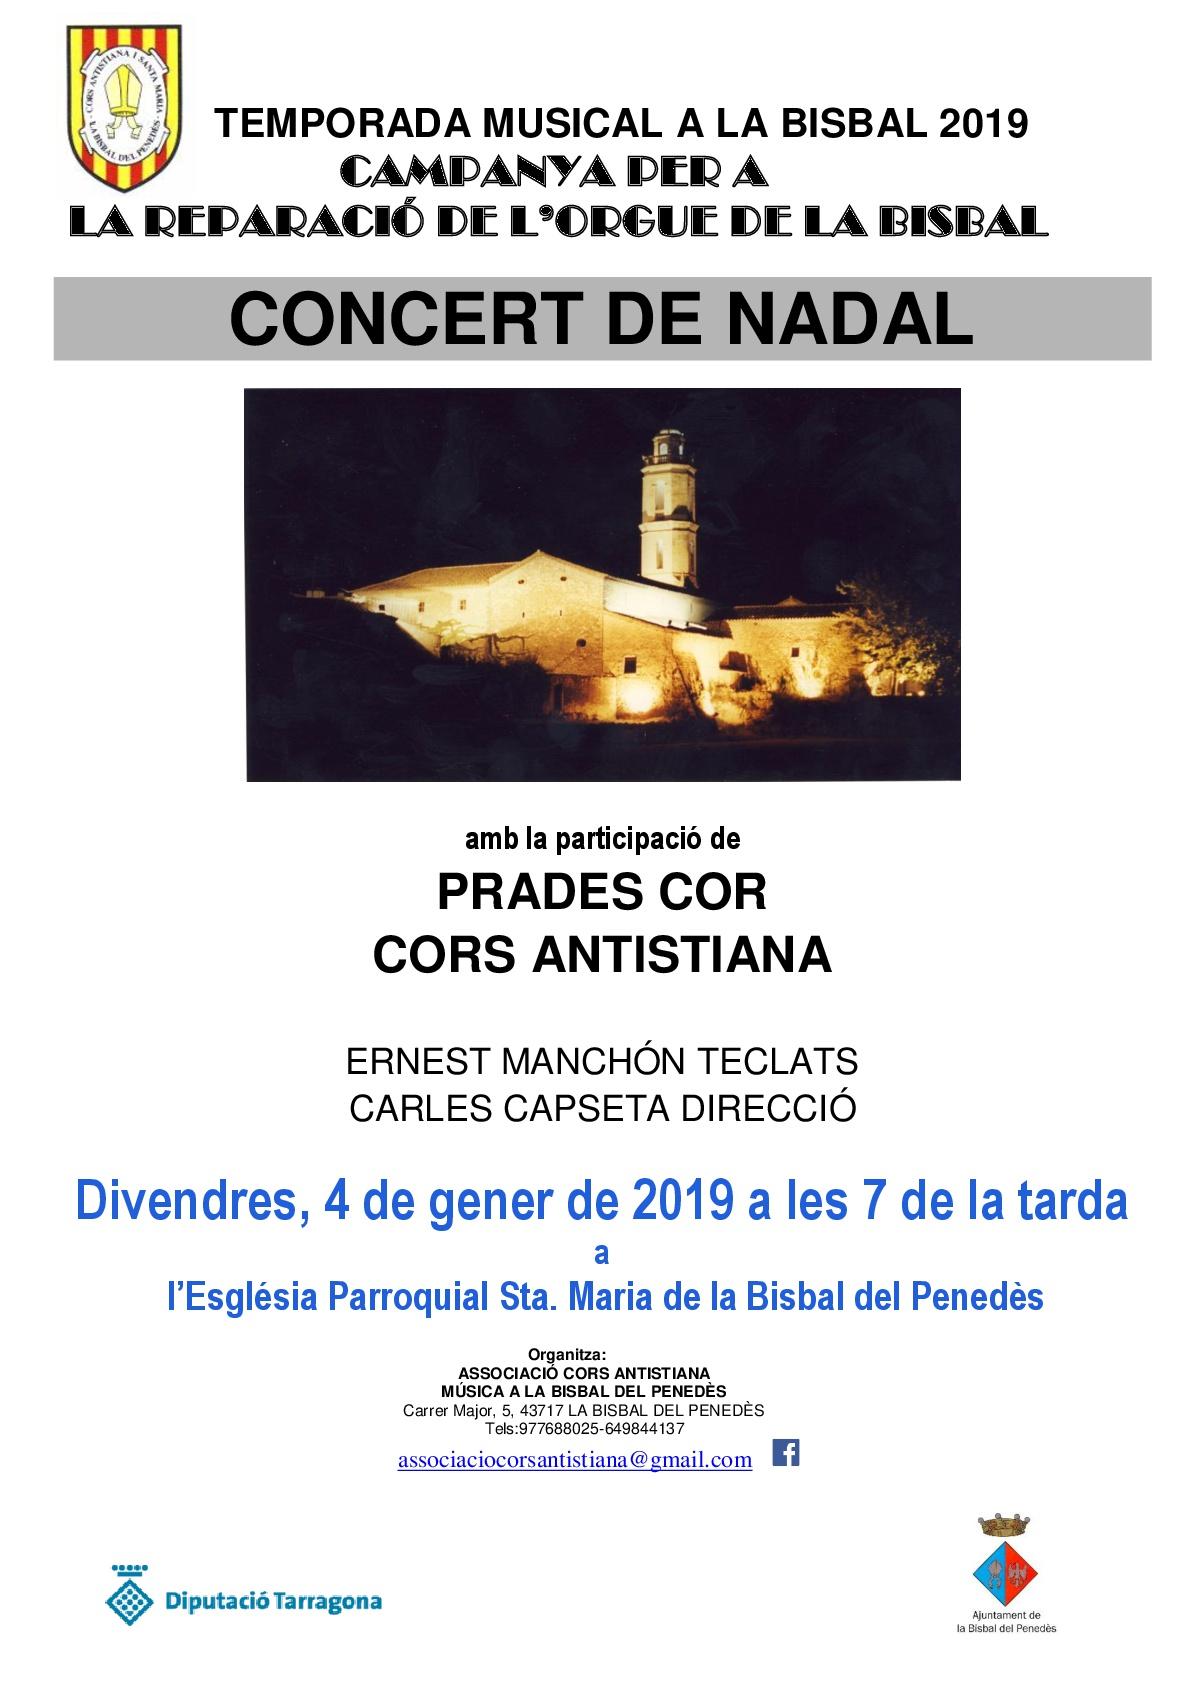 Prades Cor i la Coral Antistiana faran un concert el divendres 4 de gener a les 19h amb motiu de les festes nadalenques